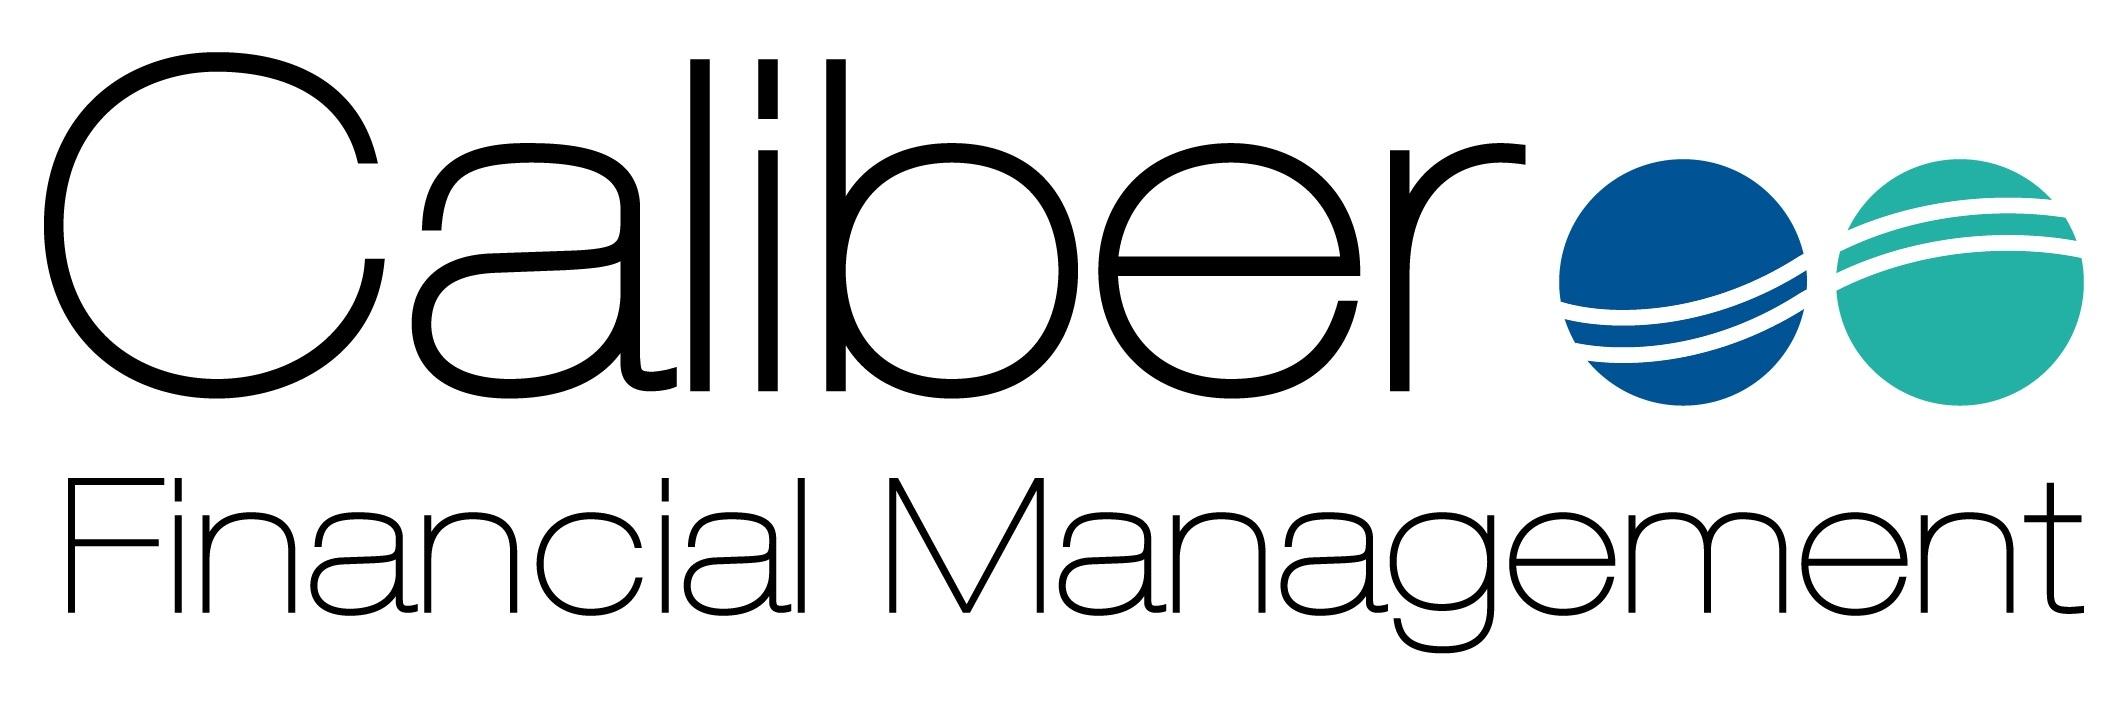 Caliber Financial Management Ltd